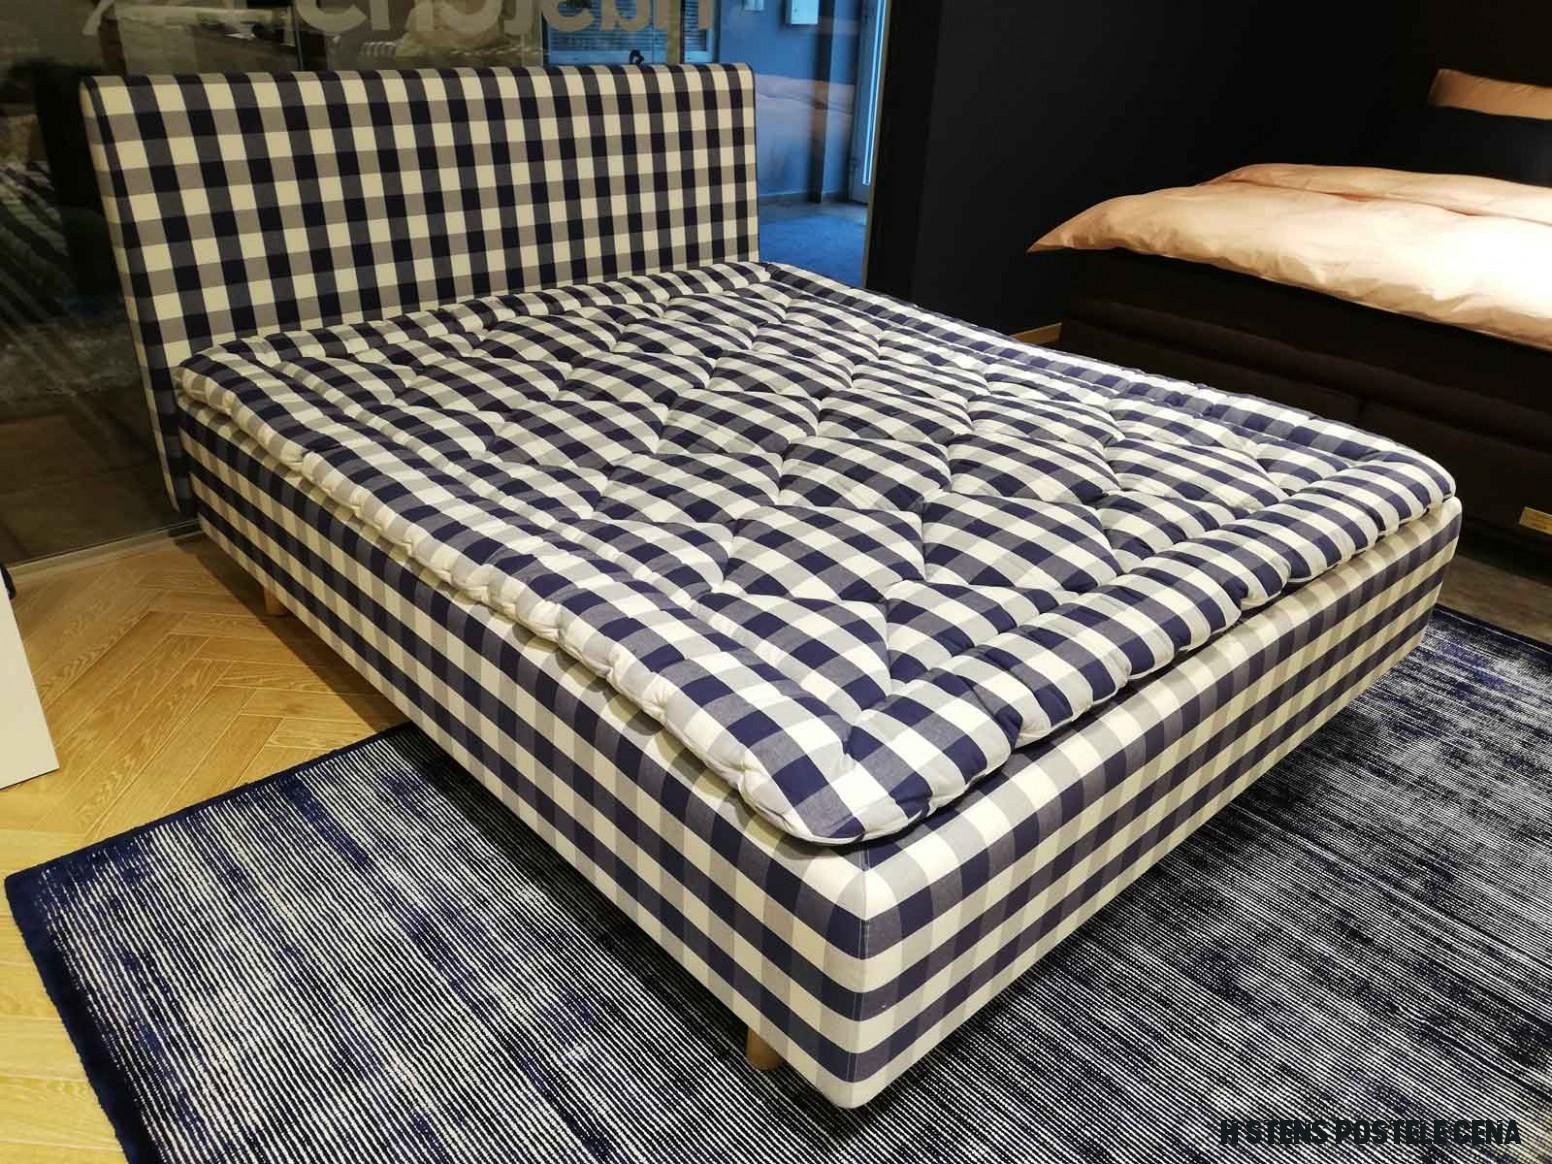 Výpredaj luxusných postelí  Postele-vypredaj.sk